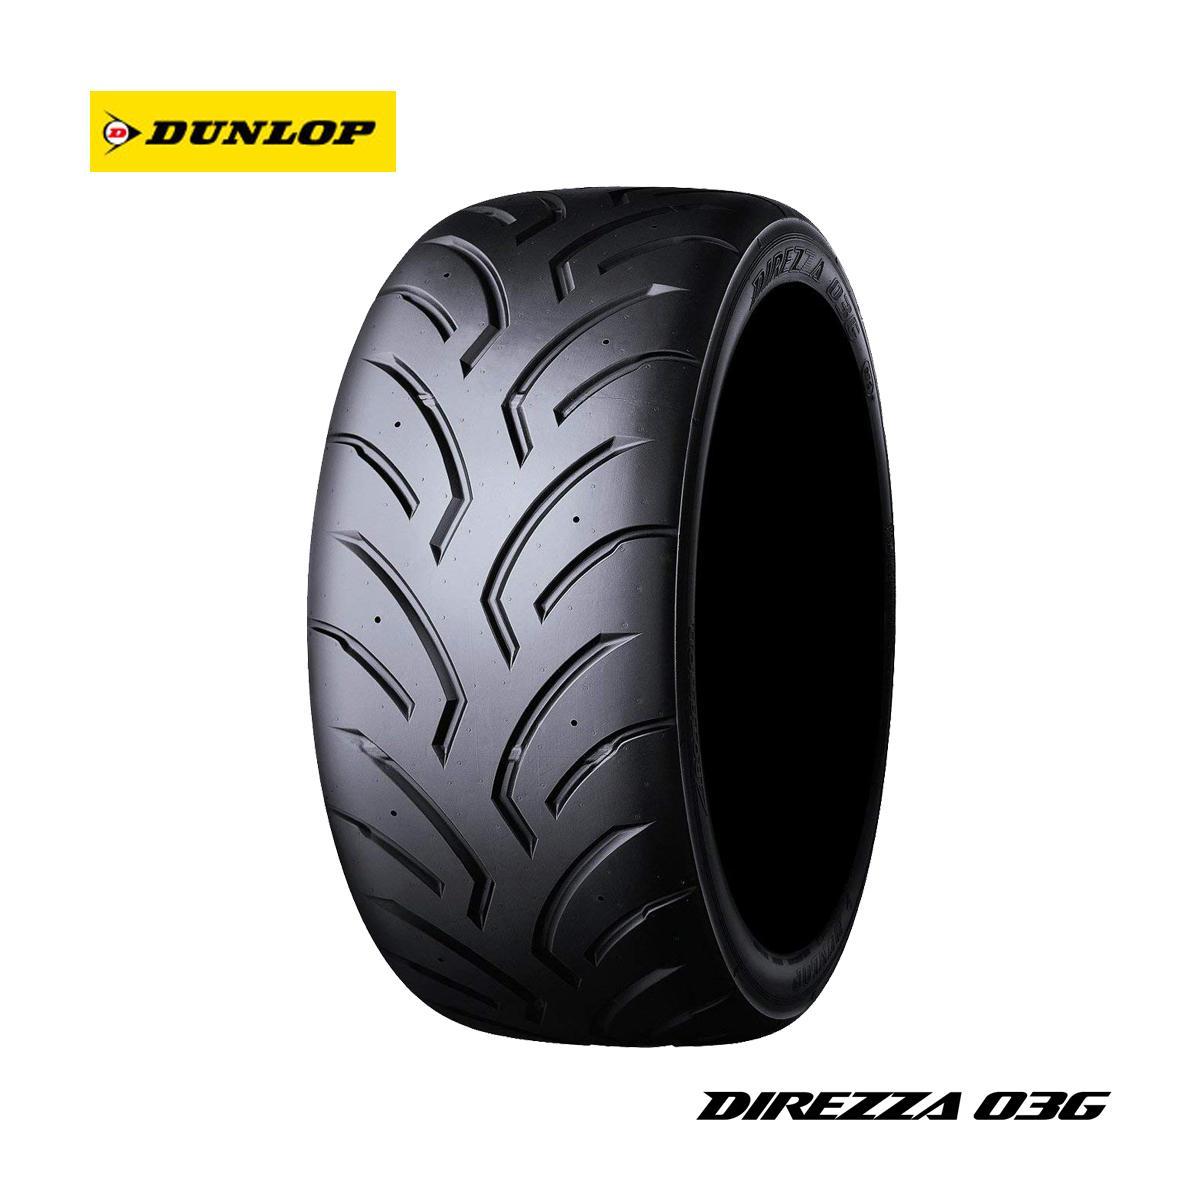 DUNLOP ダンロップ Sタイヤ ハイグリップ モータースポーツ 4本 セット 18インチ 265/35R18 DIREZZA ディレッツァ 03G コンパウンド H1